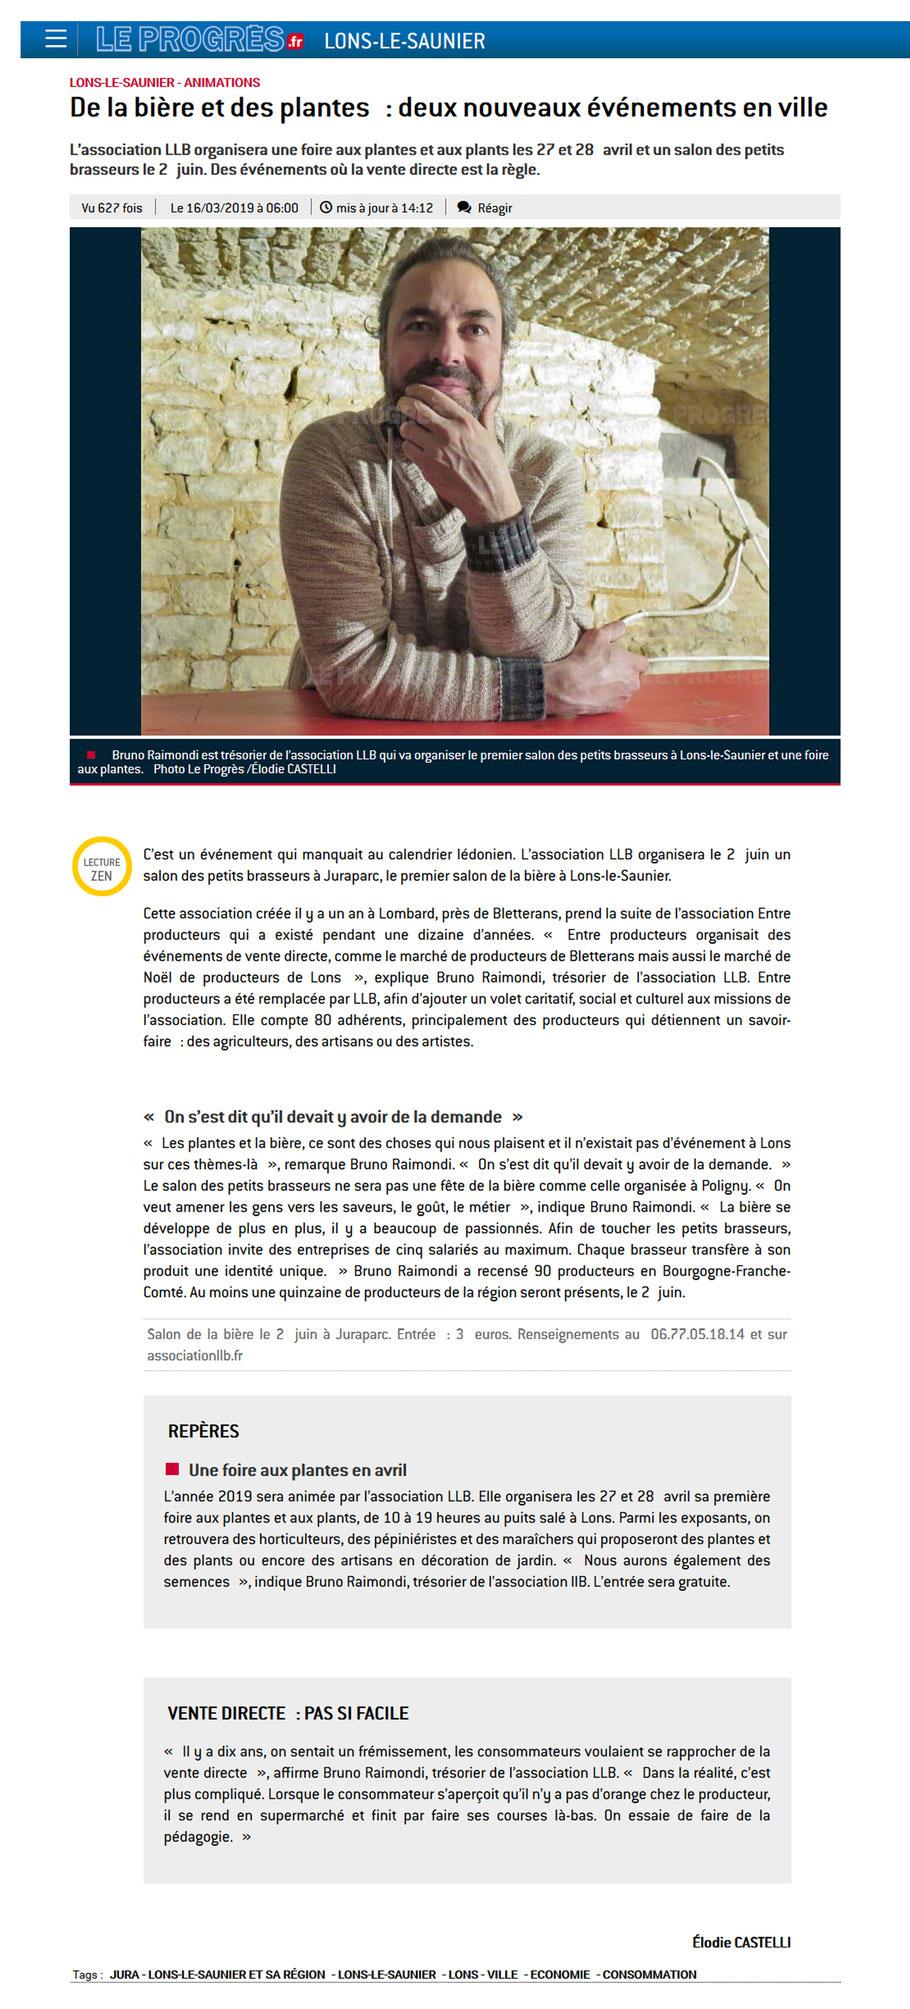 association de producteurs - association llb - lons le saunier - jura - franche comté